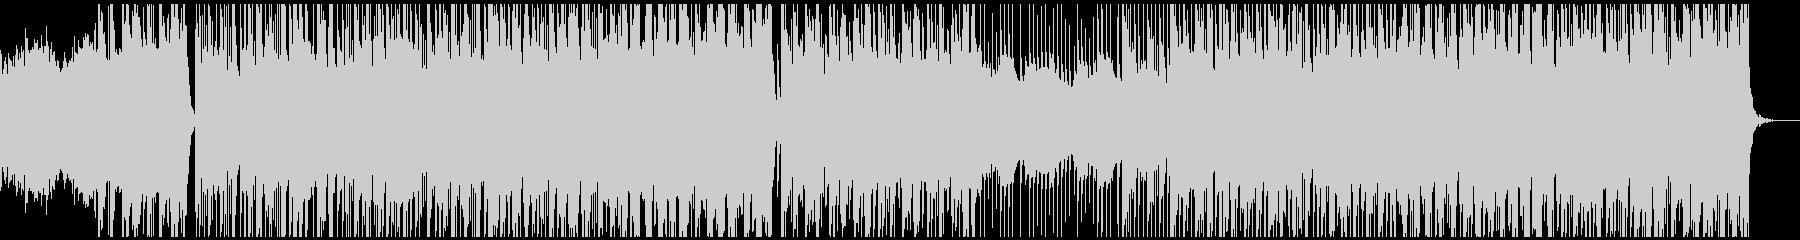 津軽三味線×ケルト音楽の未再生の波形